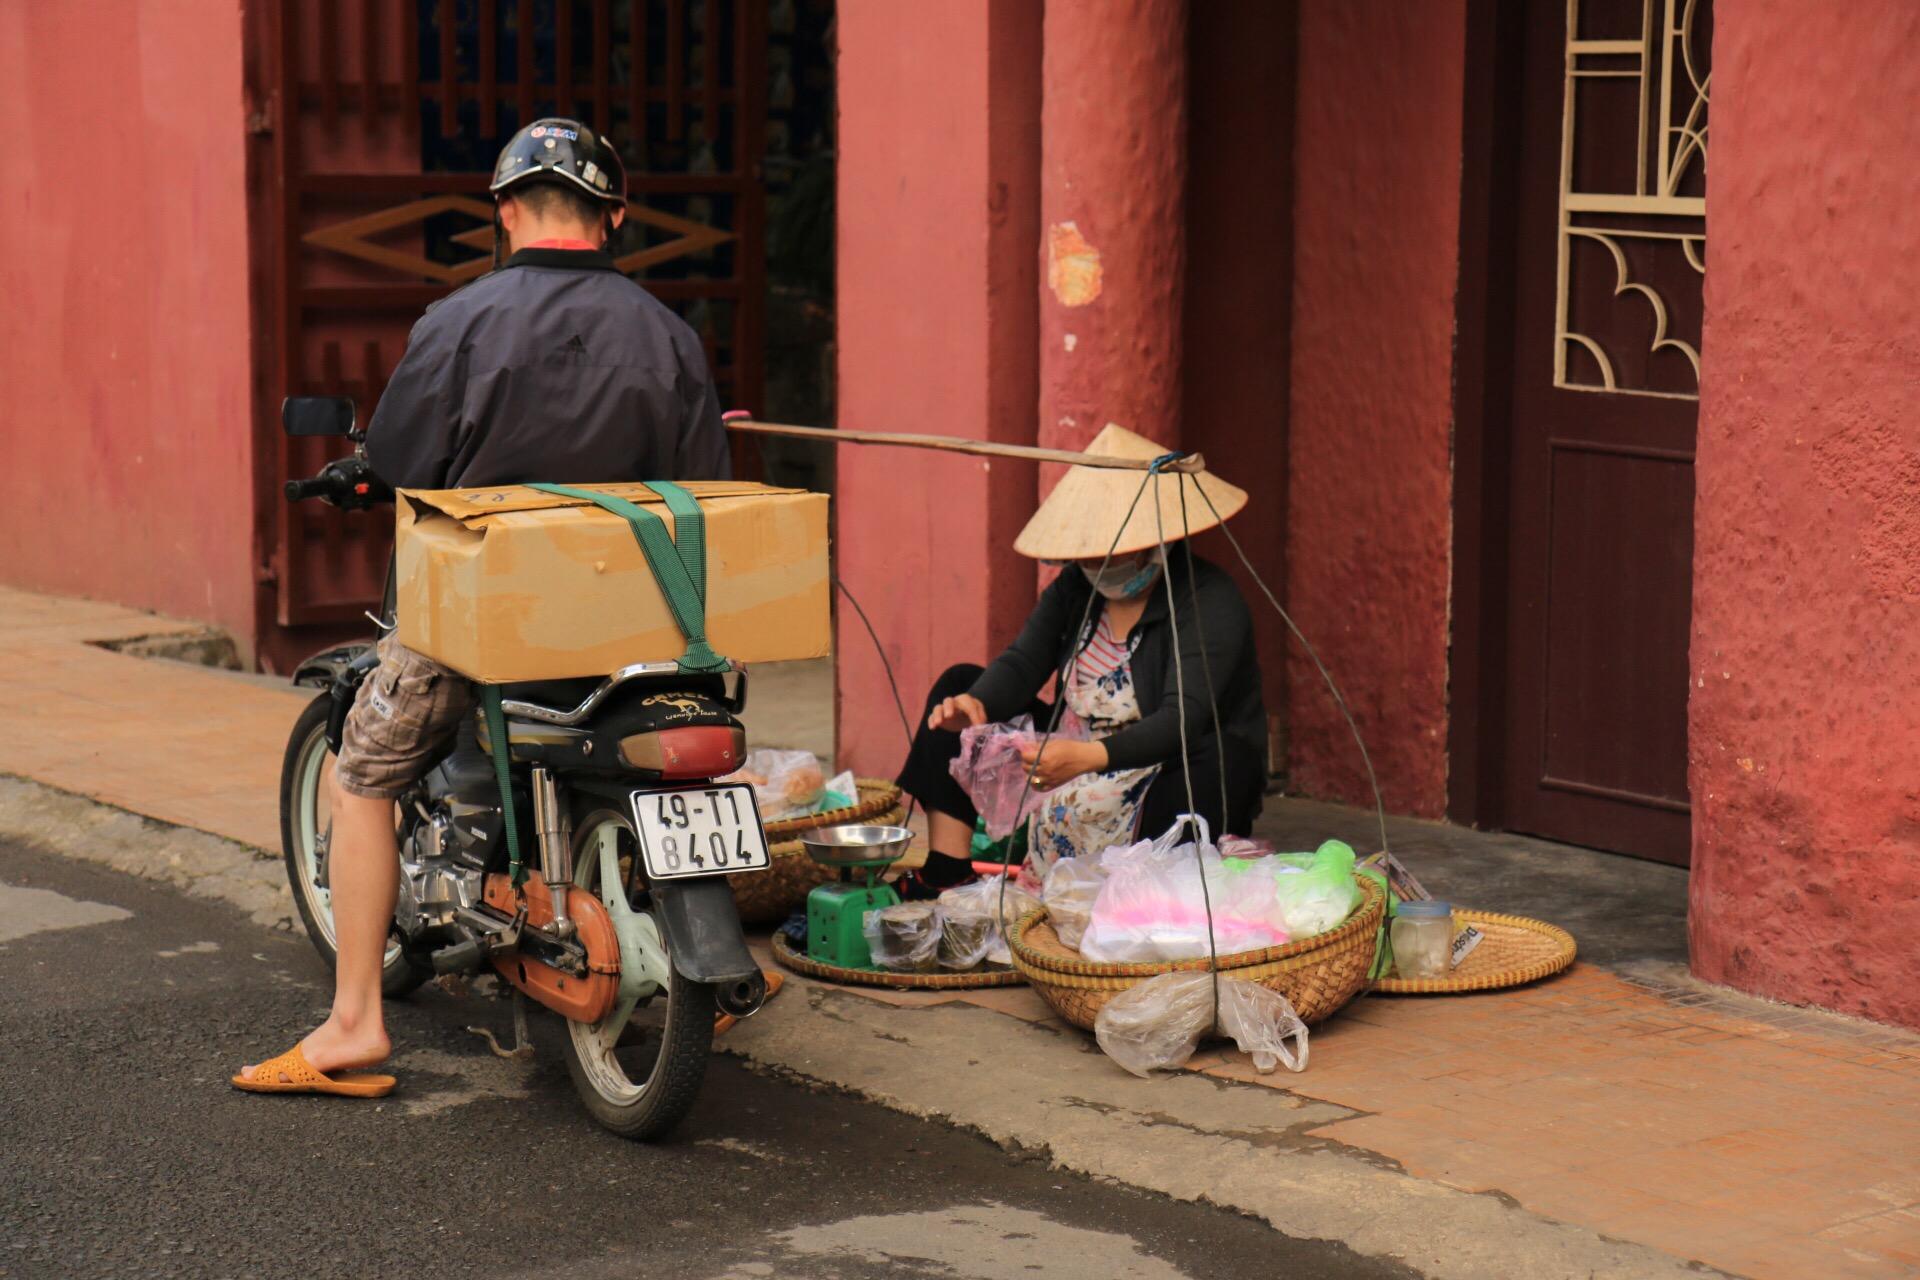 Vietnam-Symbolbild Nummer 1 - alles drauf: Kegelhut, Tragestange und Moped.